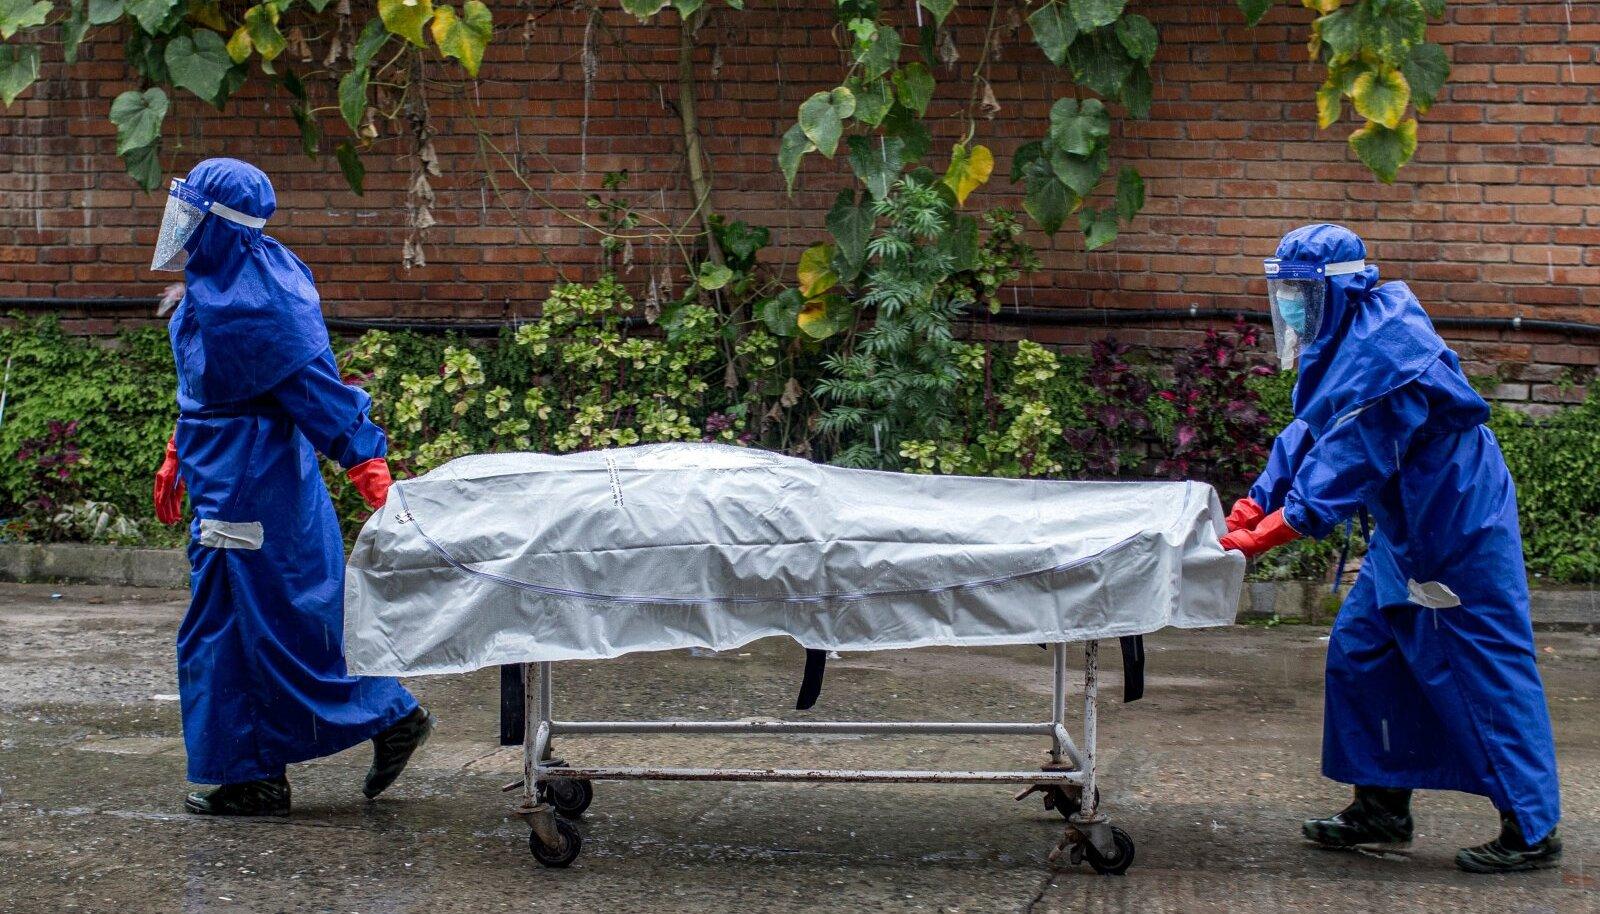 SURM, MIS VÕINUKS OLEMATA OLLA: 20. august 2020. Katmandu haigla töötajad toimetavad koroonaviiruse tagajärjel surnud inimest krematooriumisse.